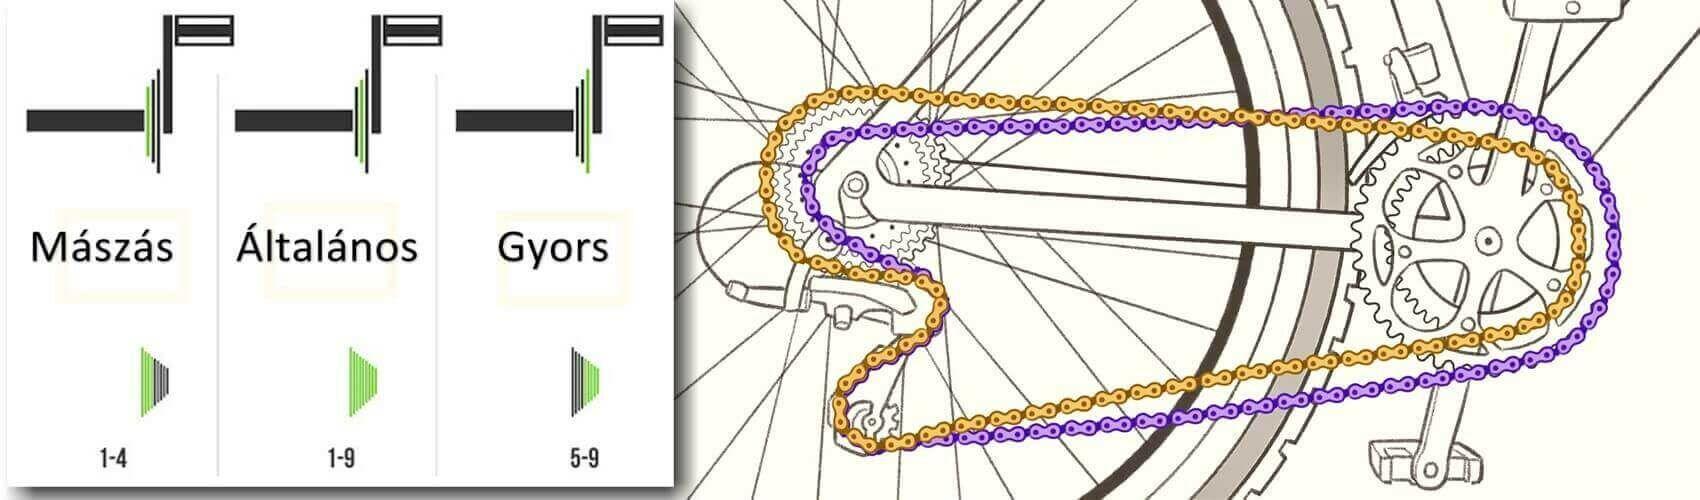 7k_12 dolog amit a kerékpárláncról tudni kell